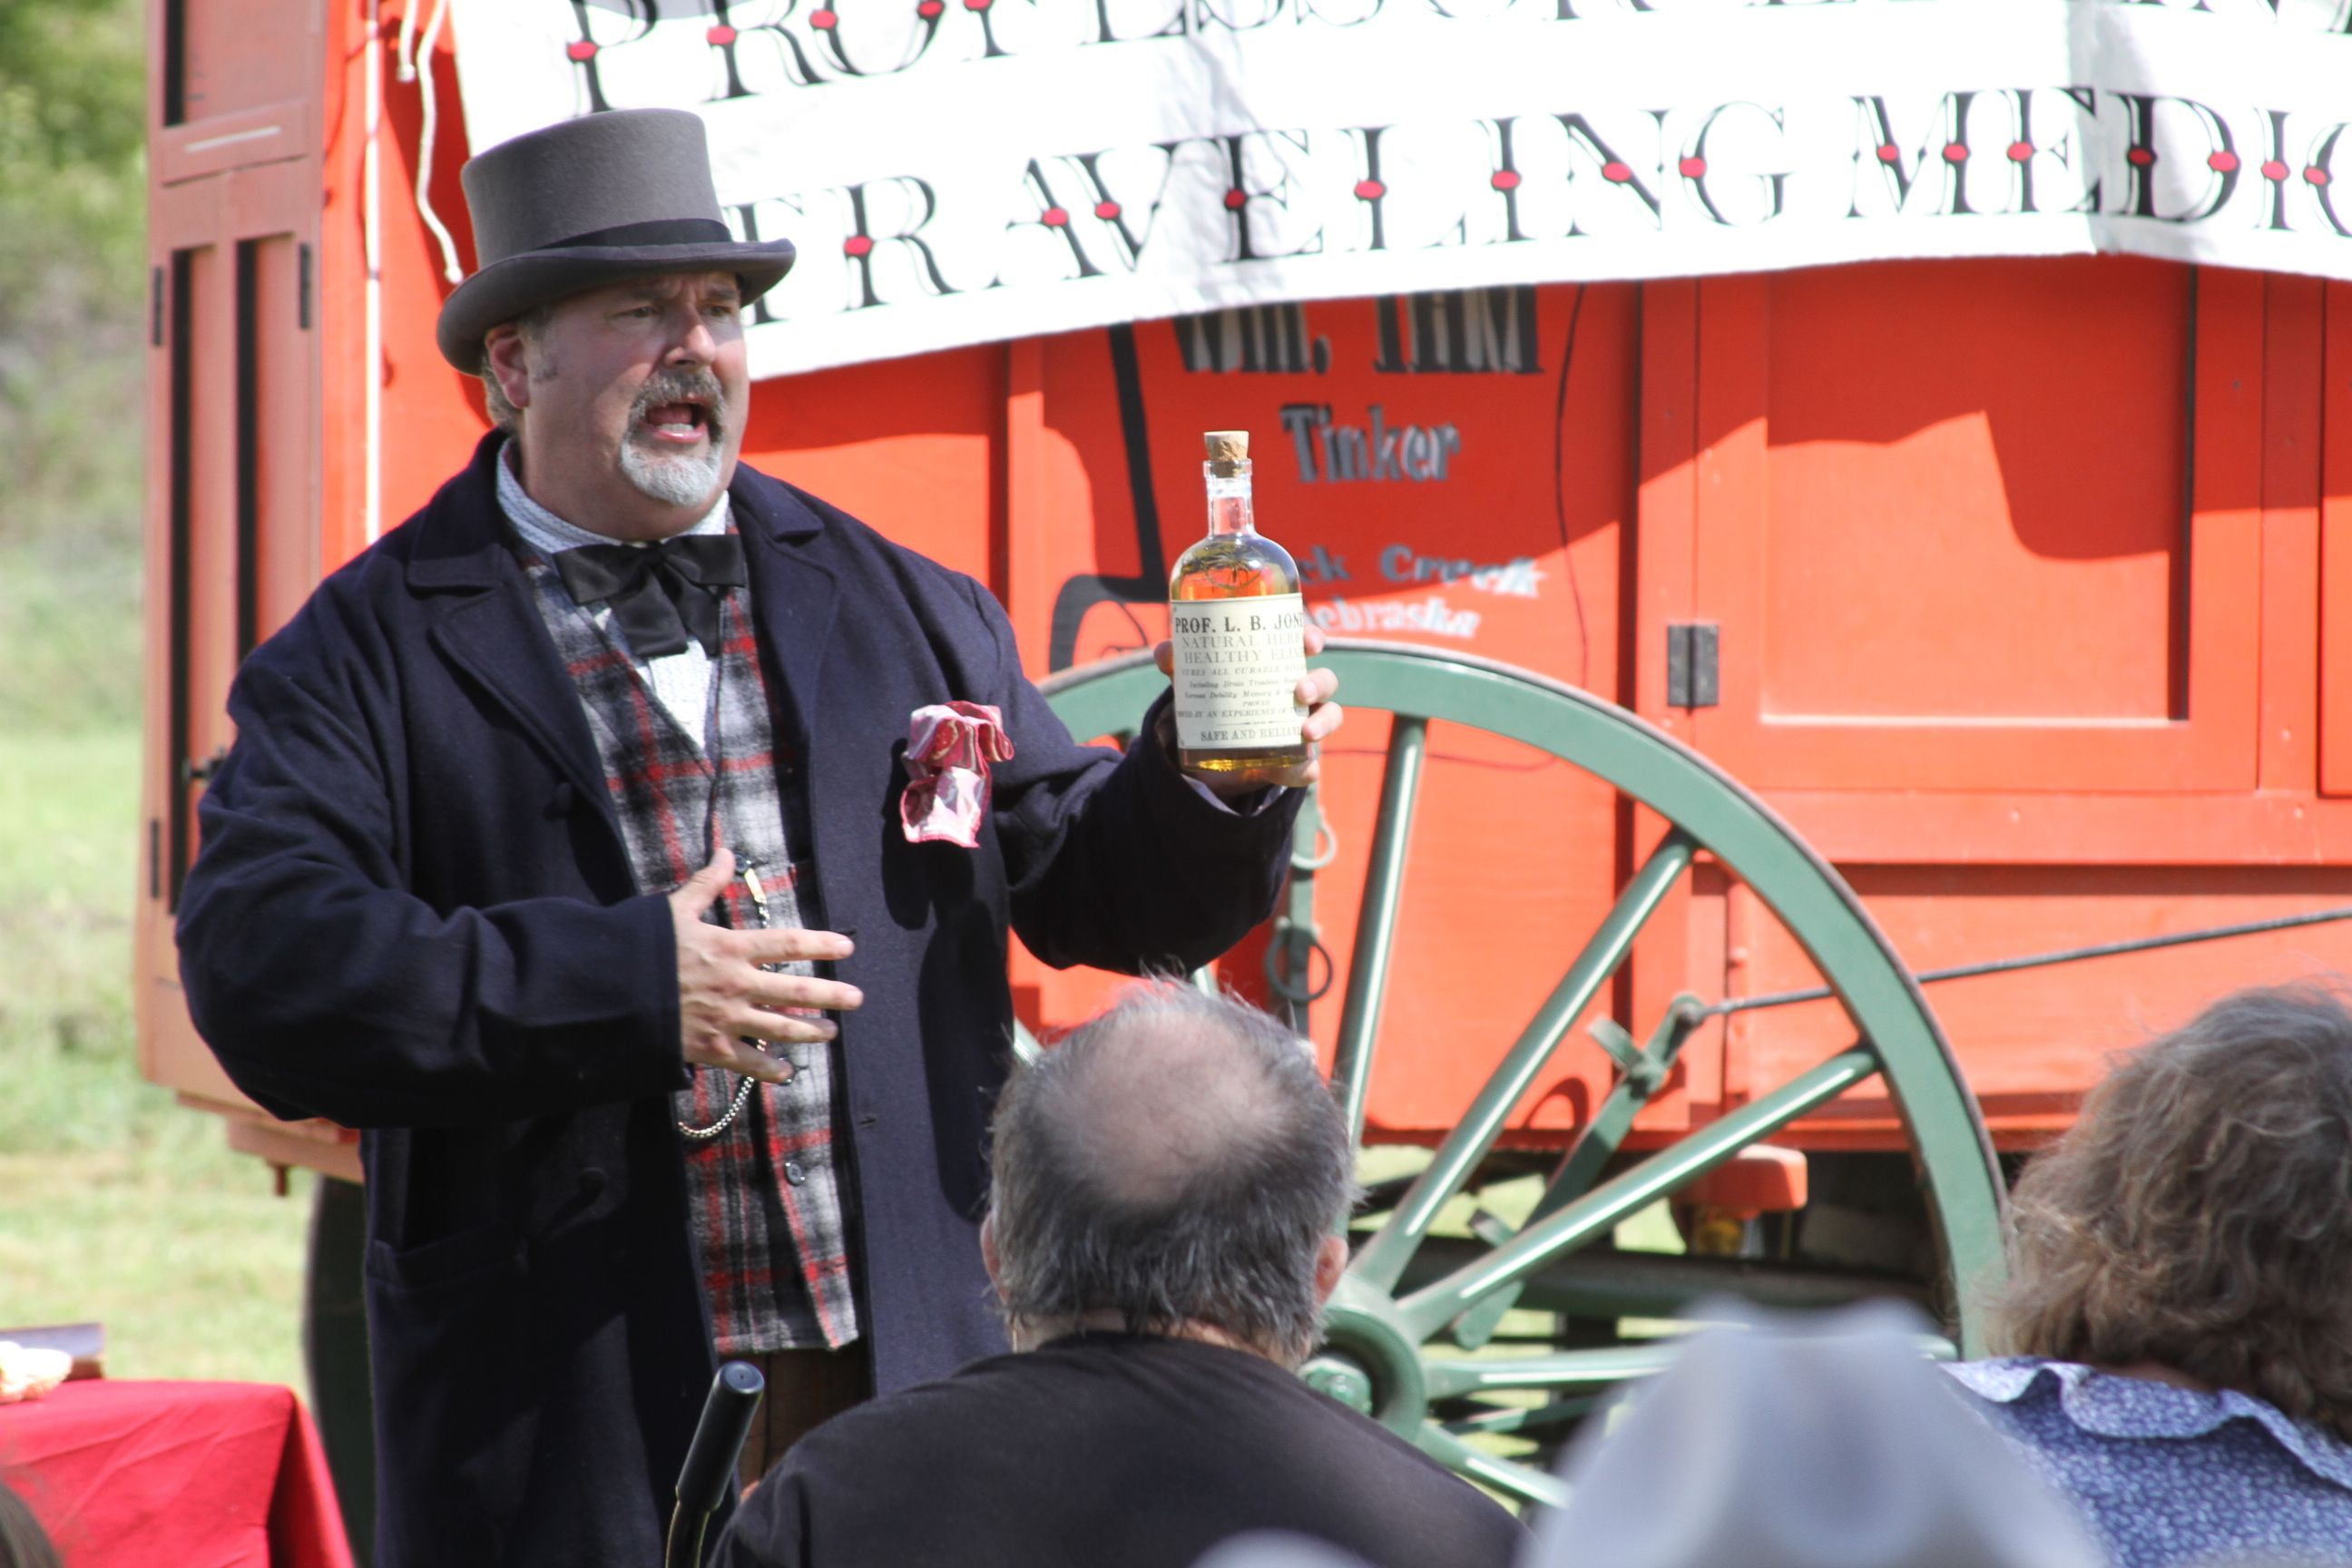 Medicine Show in Railroad Town